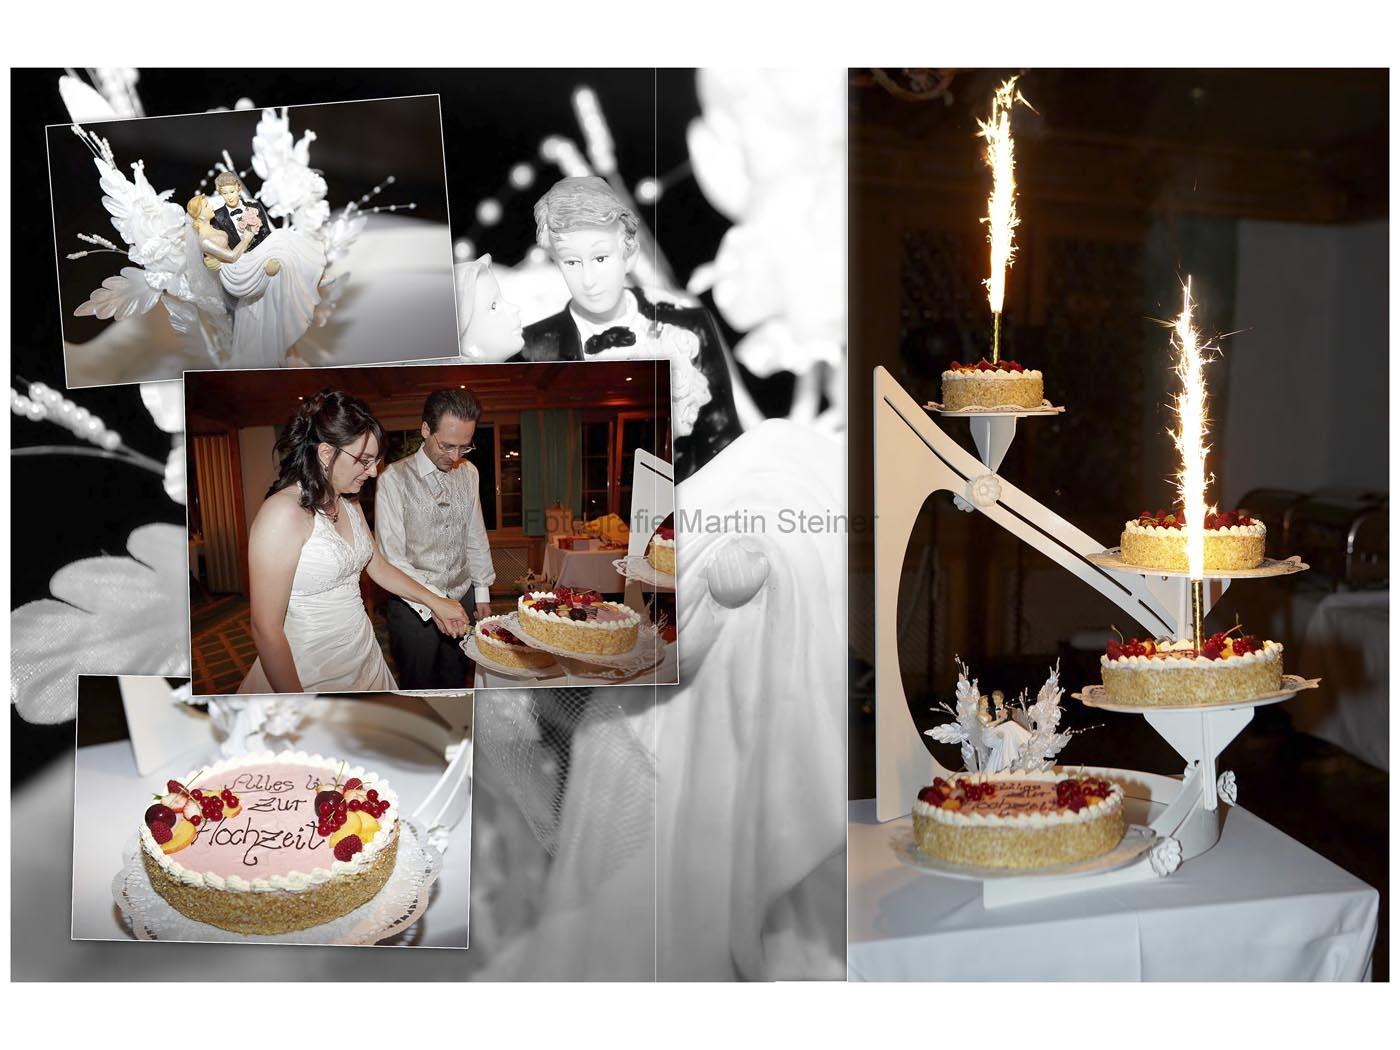 Seiten aus wedding_aargau2011